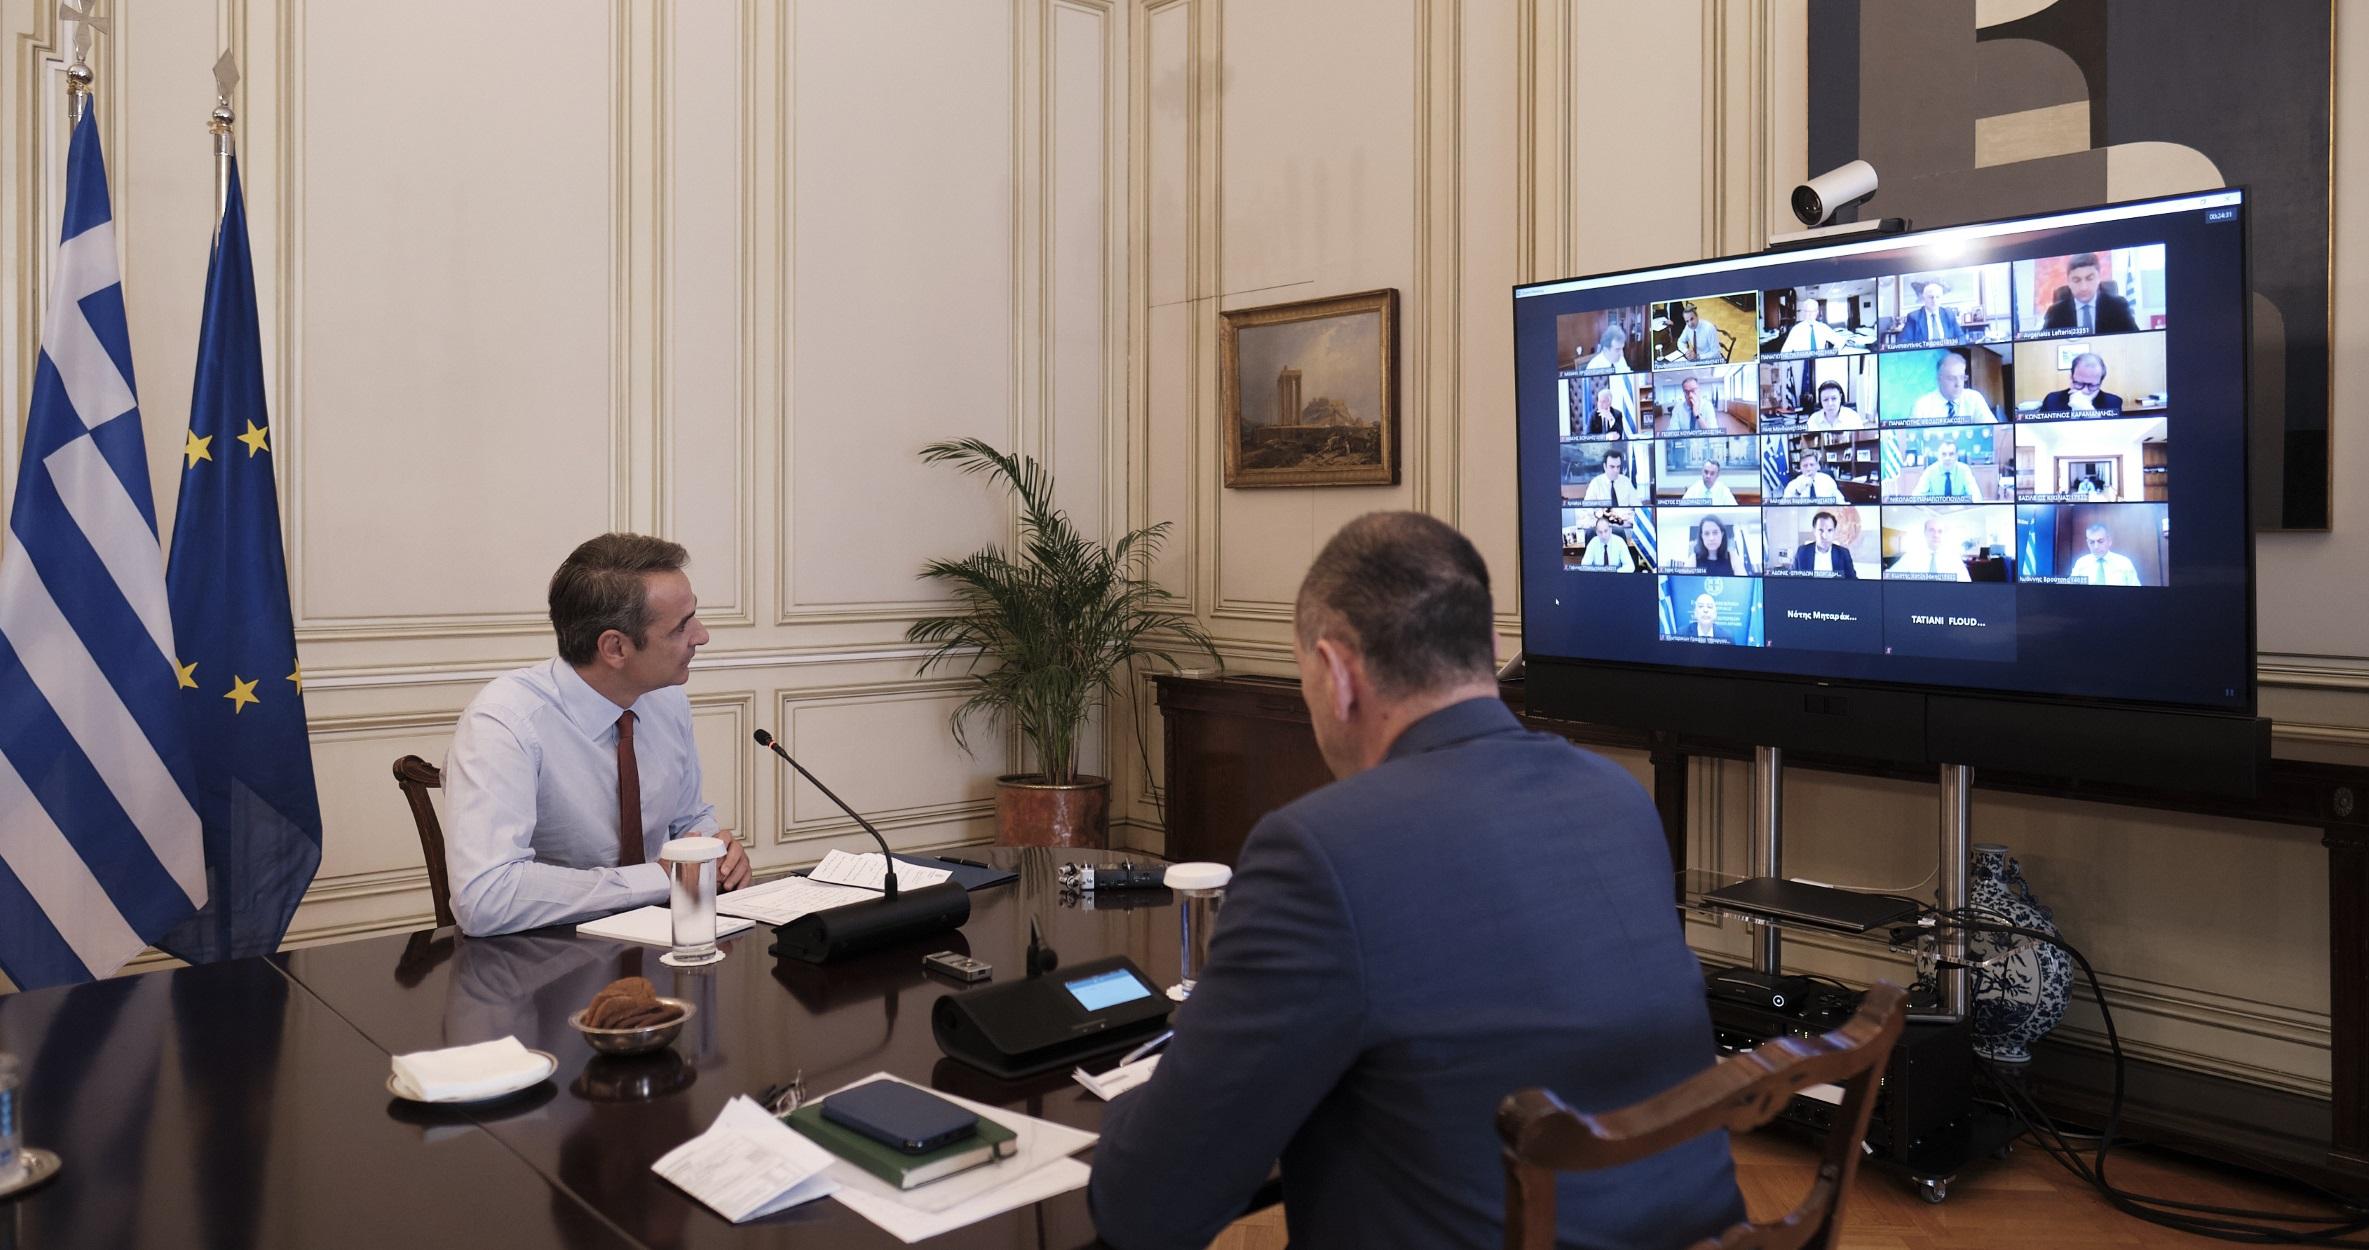 Υπουργικό Συμβούλιο: Συνεδριάζει αύριο μέσω τηλεδιάσκεψης – 5 νομοσχέδια στην ατζέντα